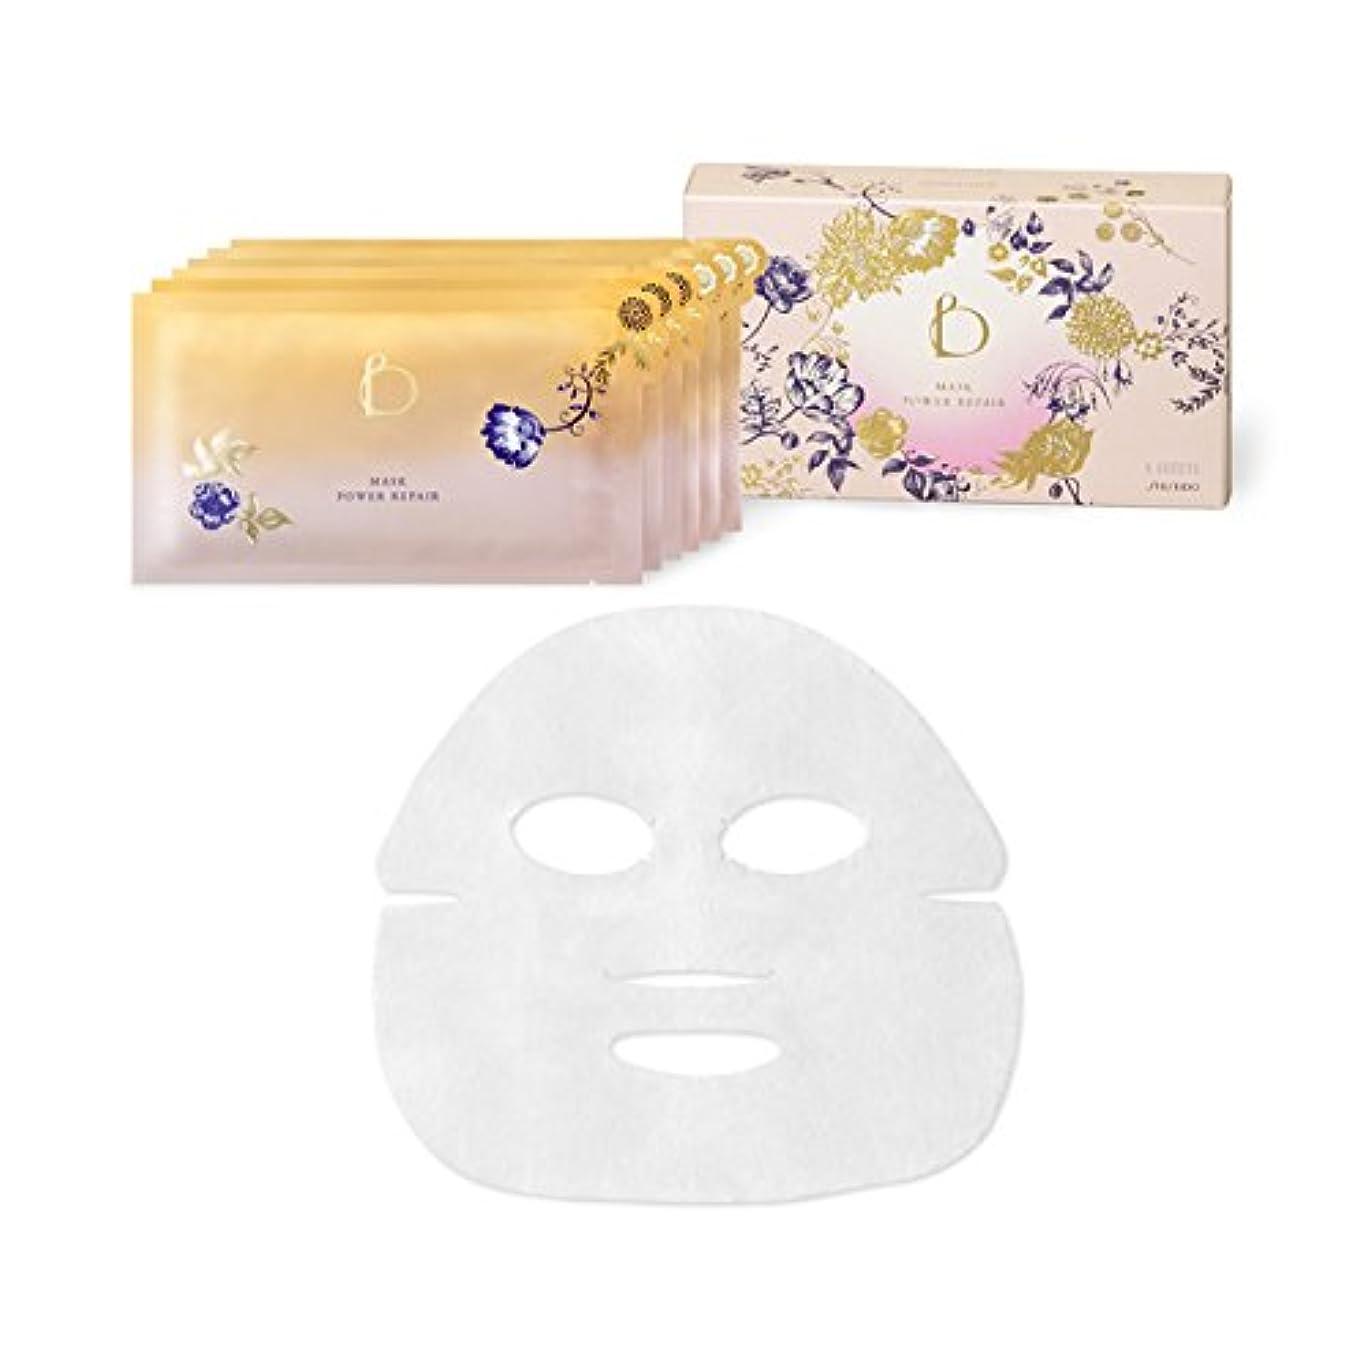 排出恥ずかしい一致する資生堂 ベネフィーク マスク パワーリペア シート状クリームマスク 23mL×6枚入